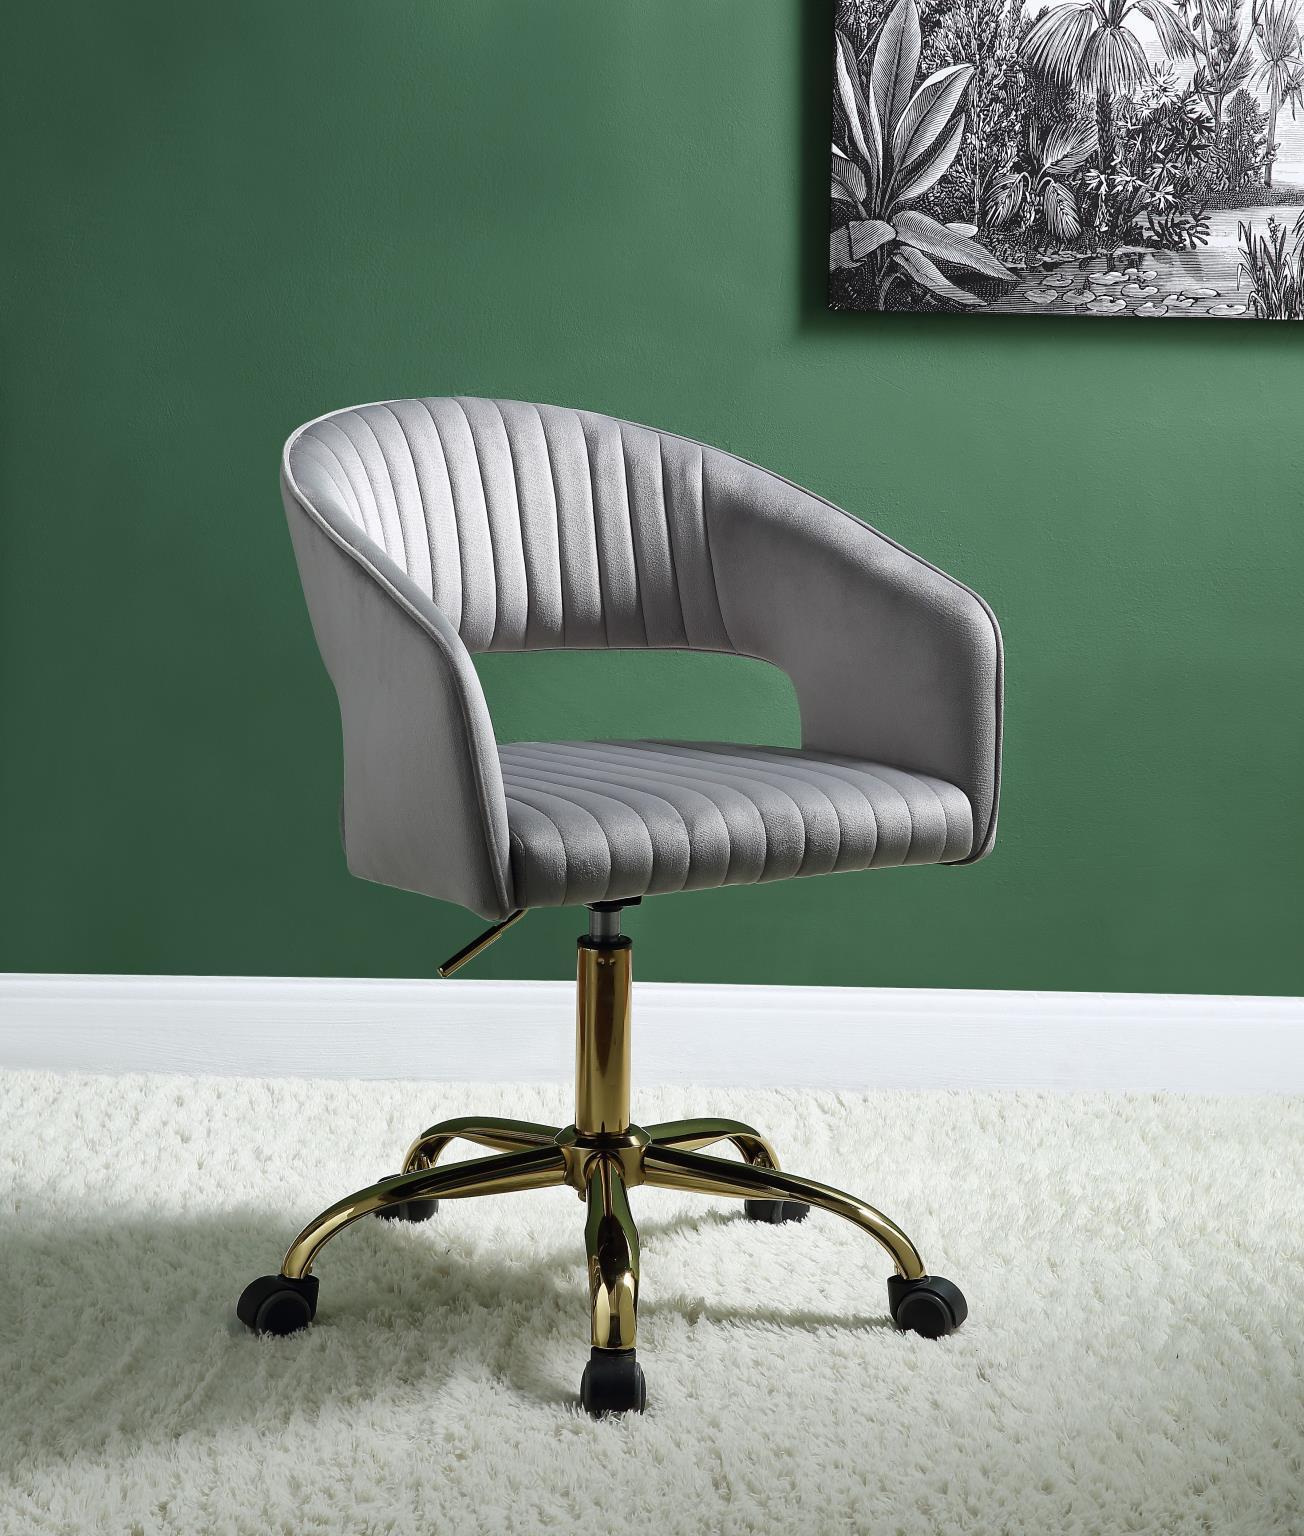 Home Office Chair Gray Velvet Gold Hopi 92940 Acme Modern Contemporary Hopi 92940 Buy Online